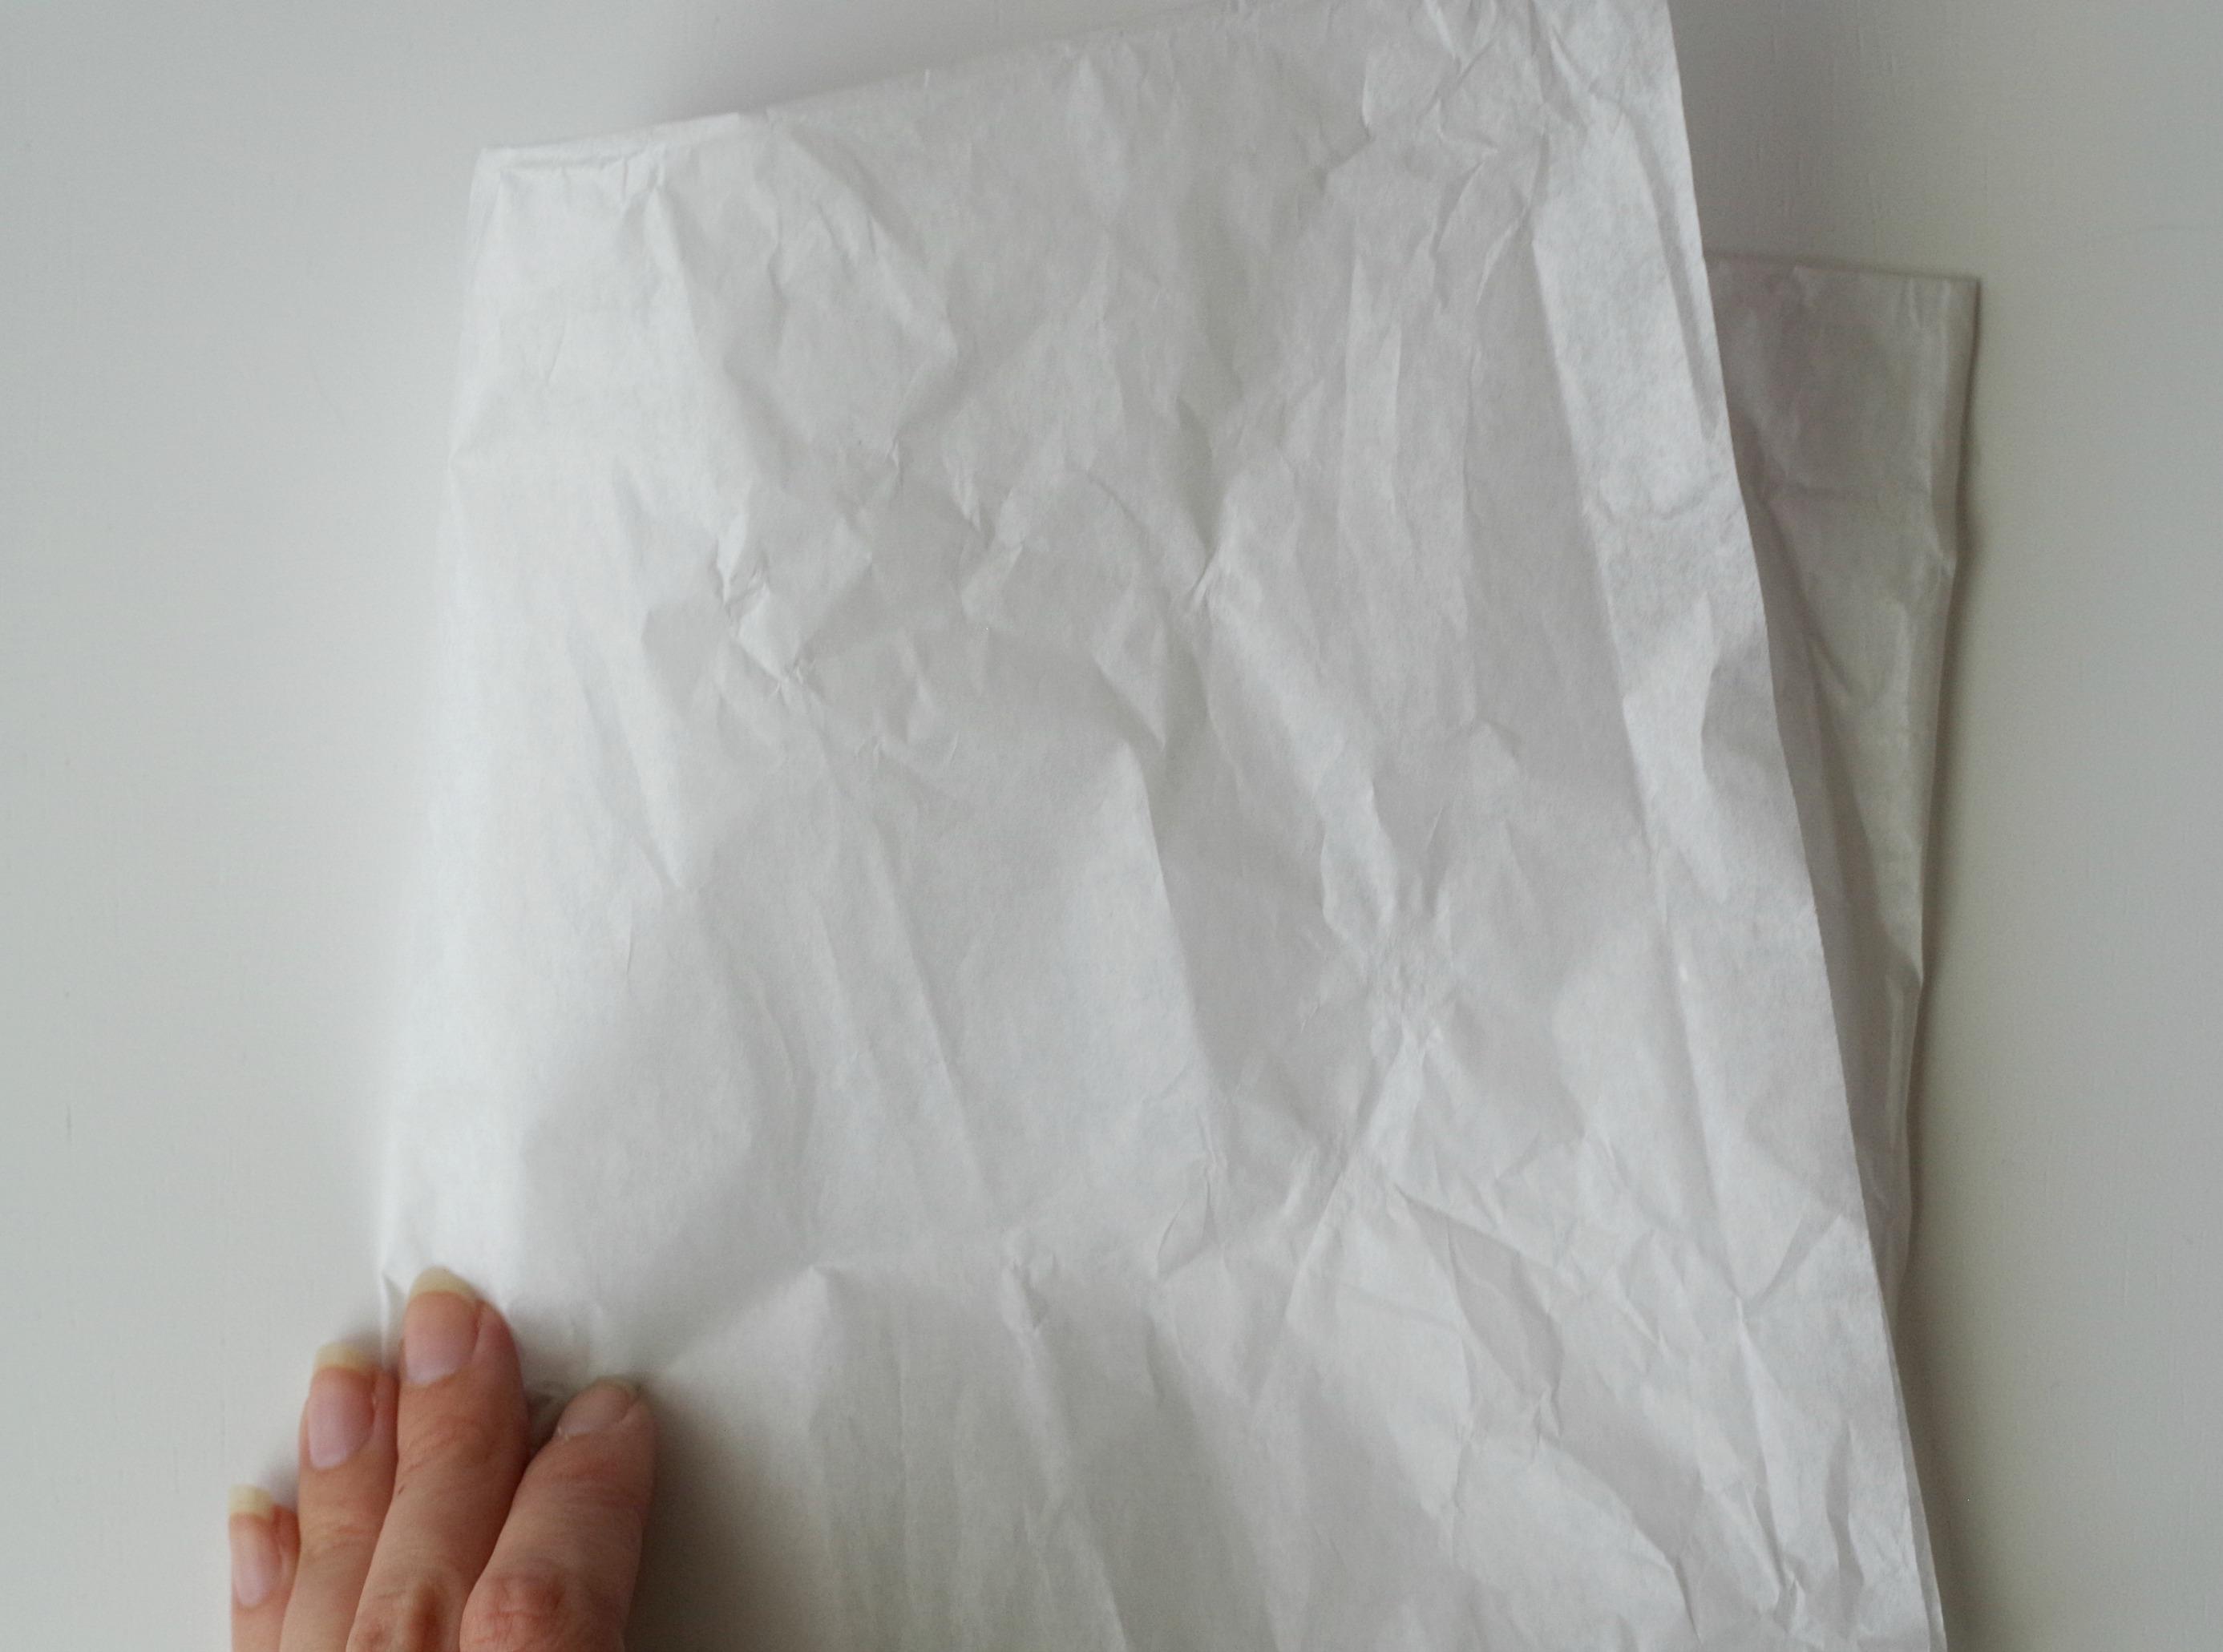 fold white tissue in 1/4 piece